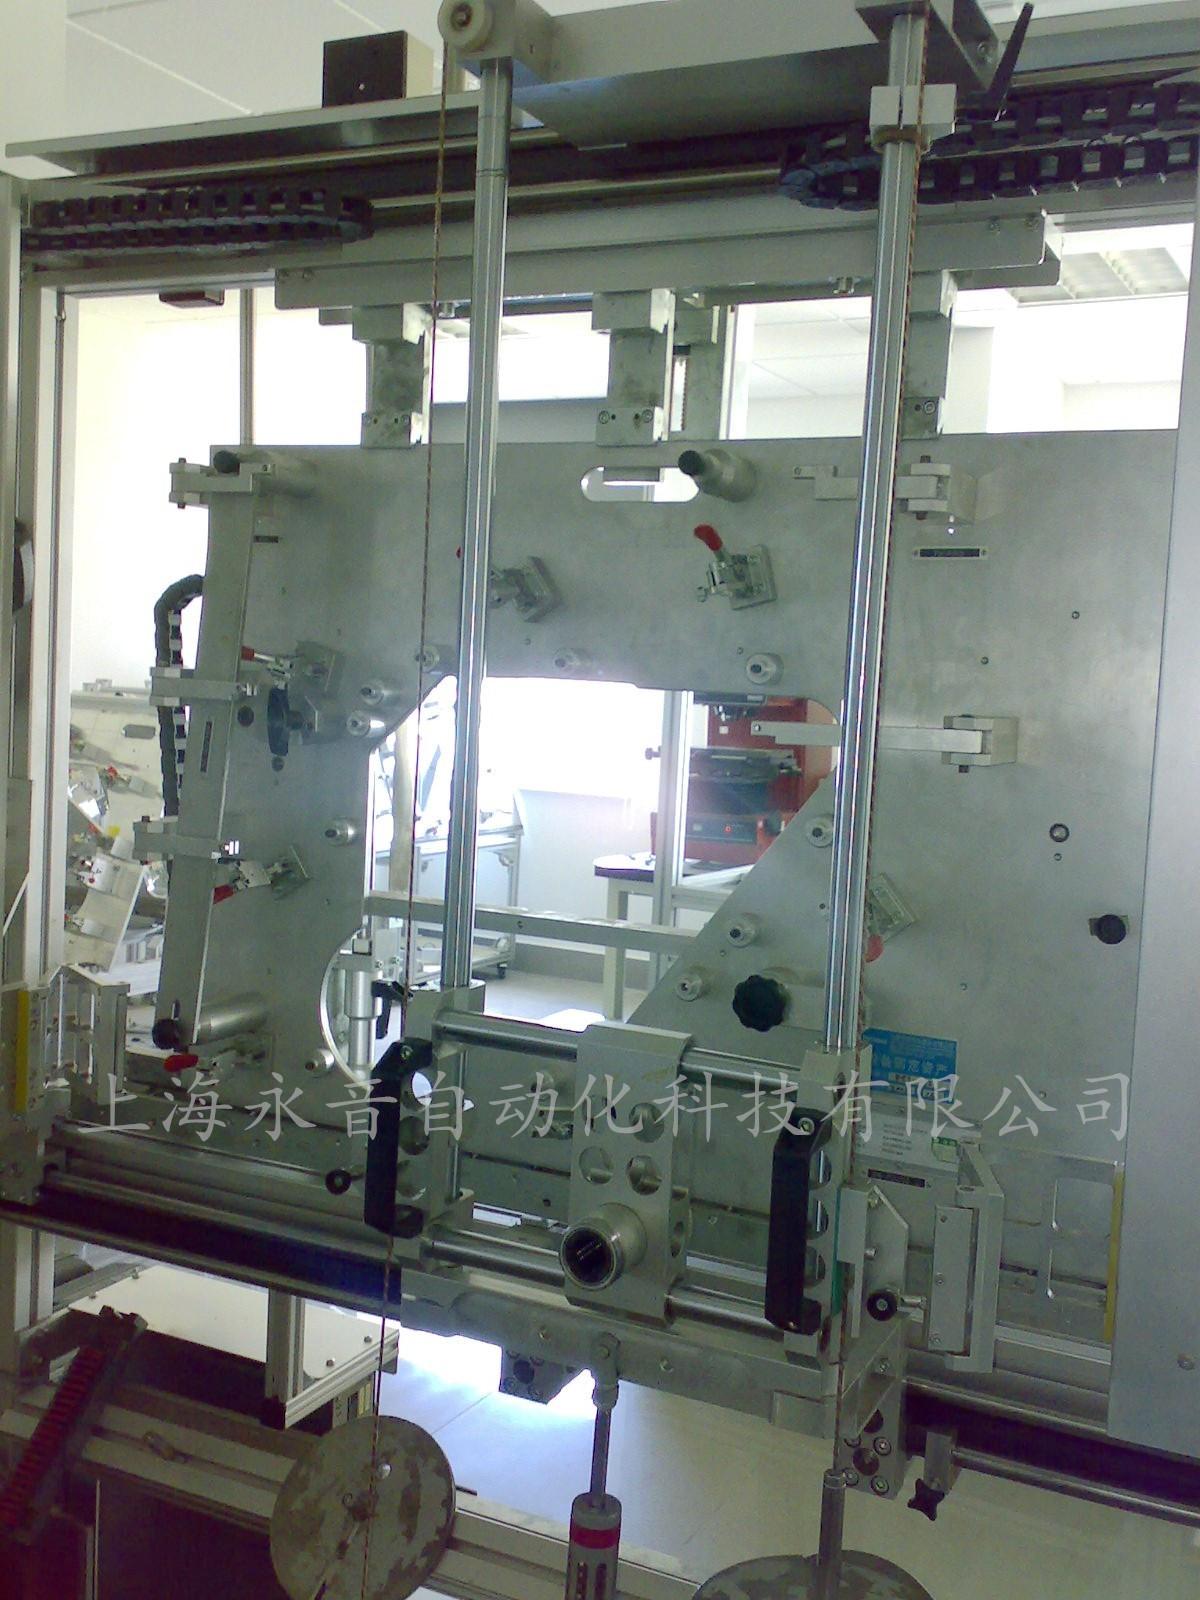 上海专用测试设备报价,测试设备